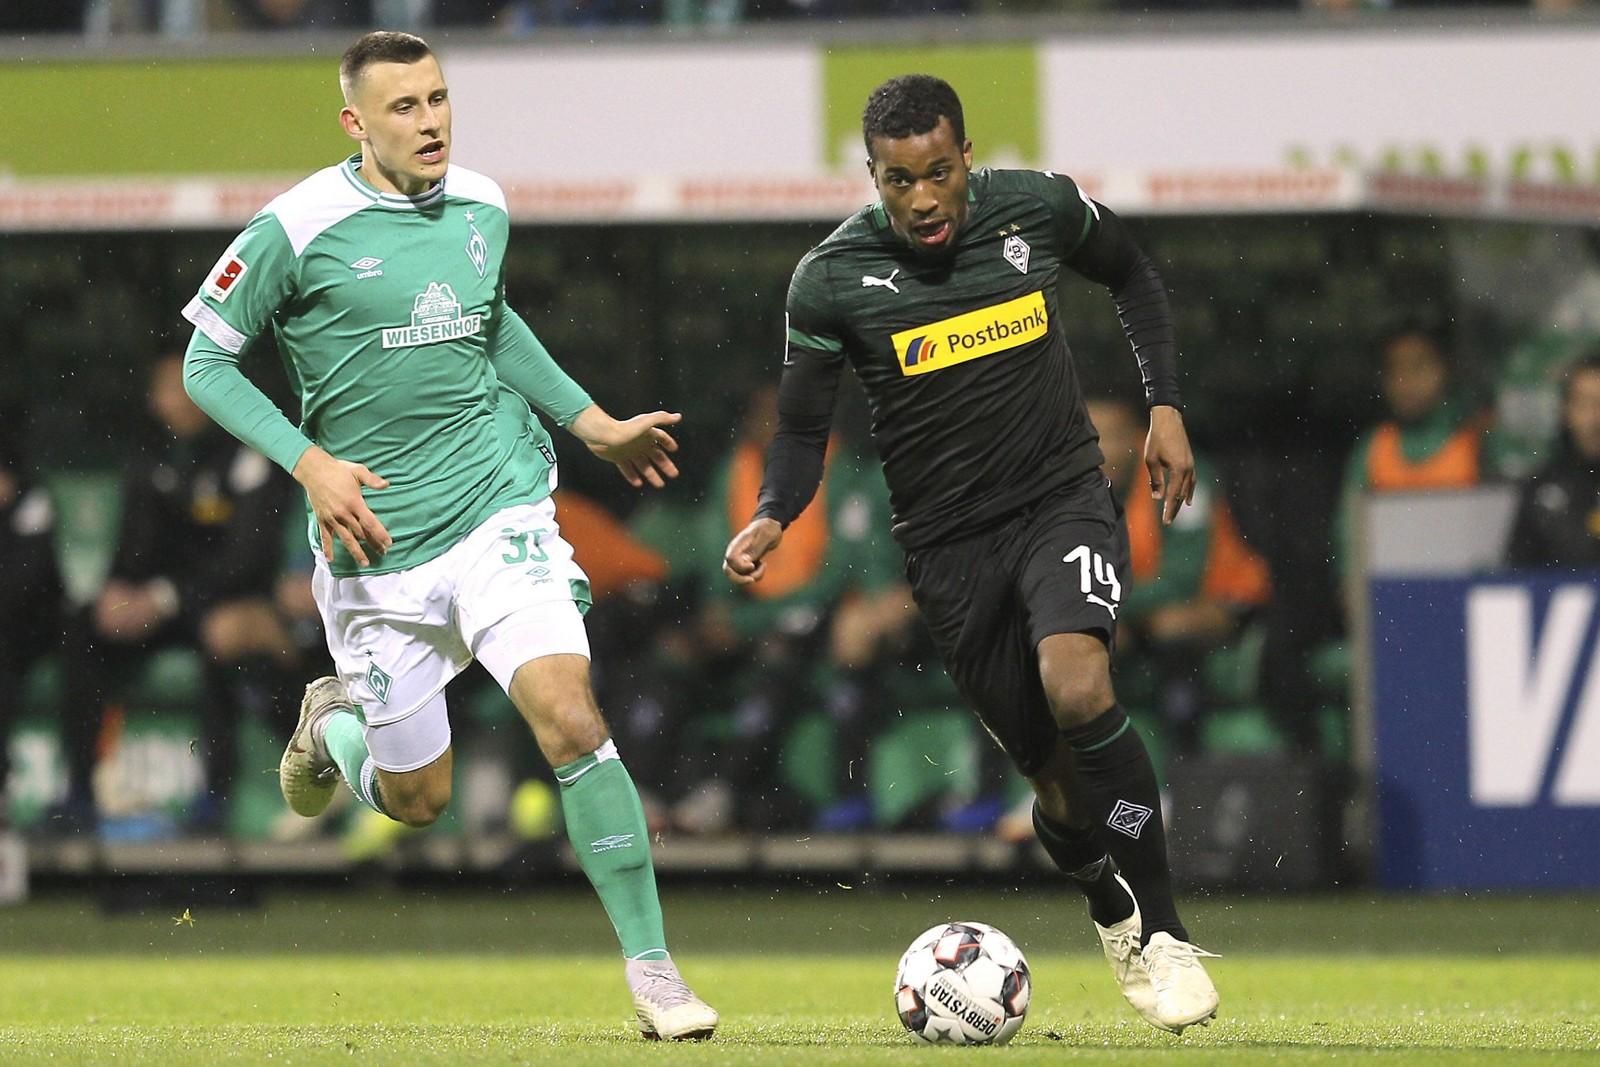 Kann Werder die Hinspielniederlage vergessen machen? Jetzt auf Gladbach gegen Bremen wetten!